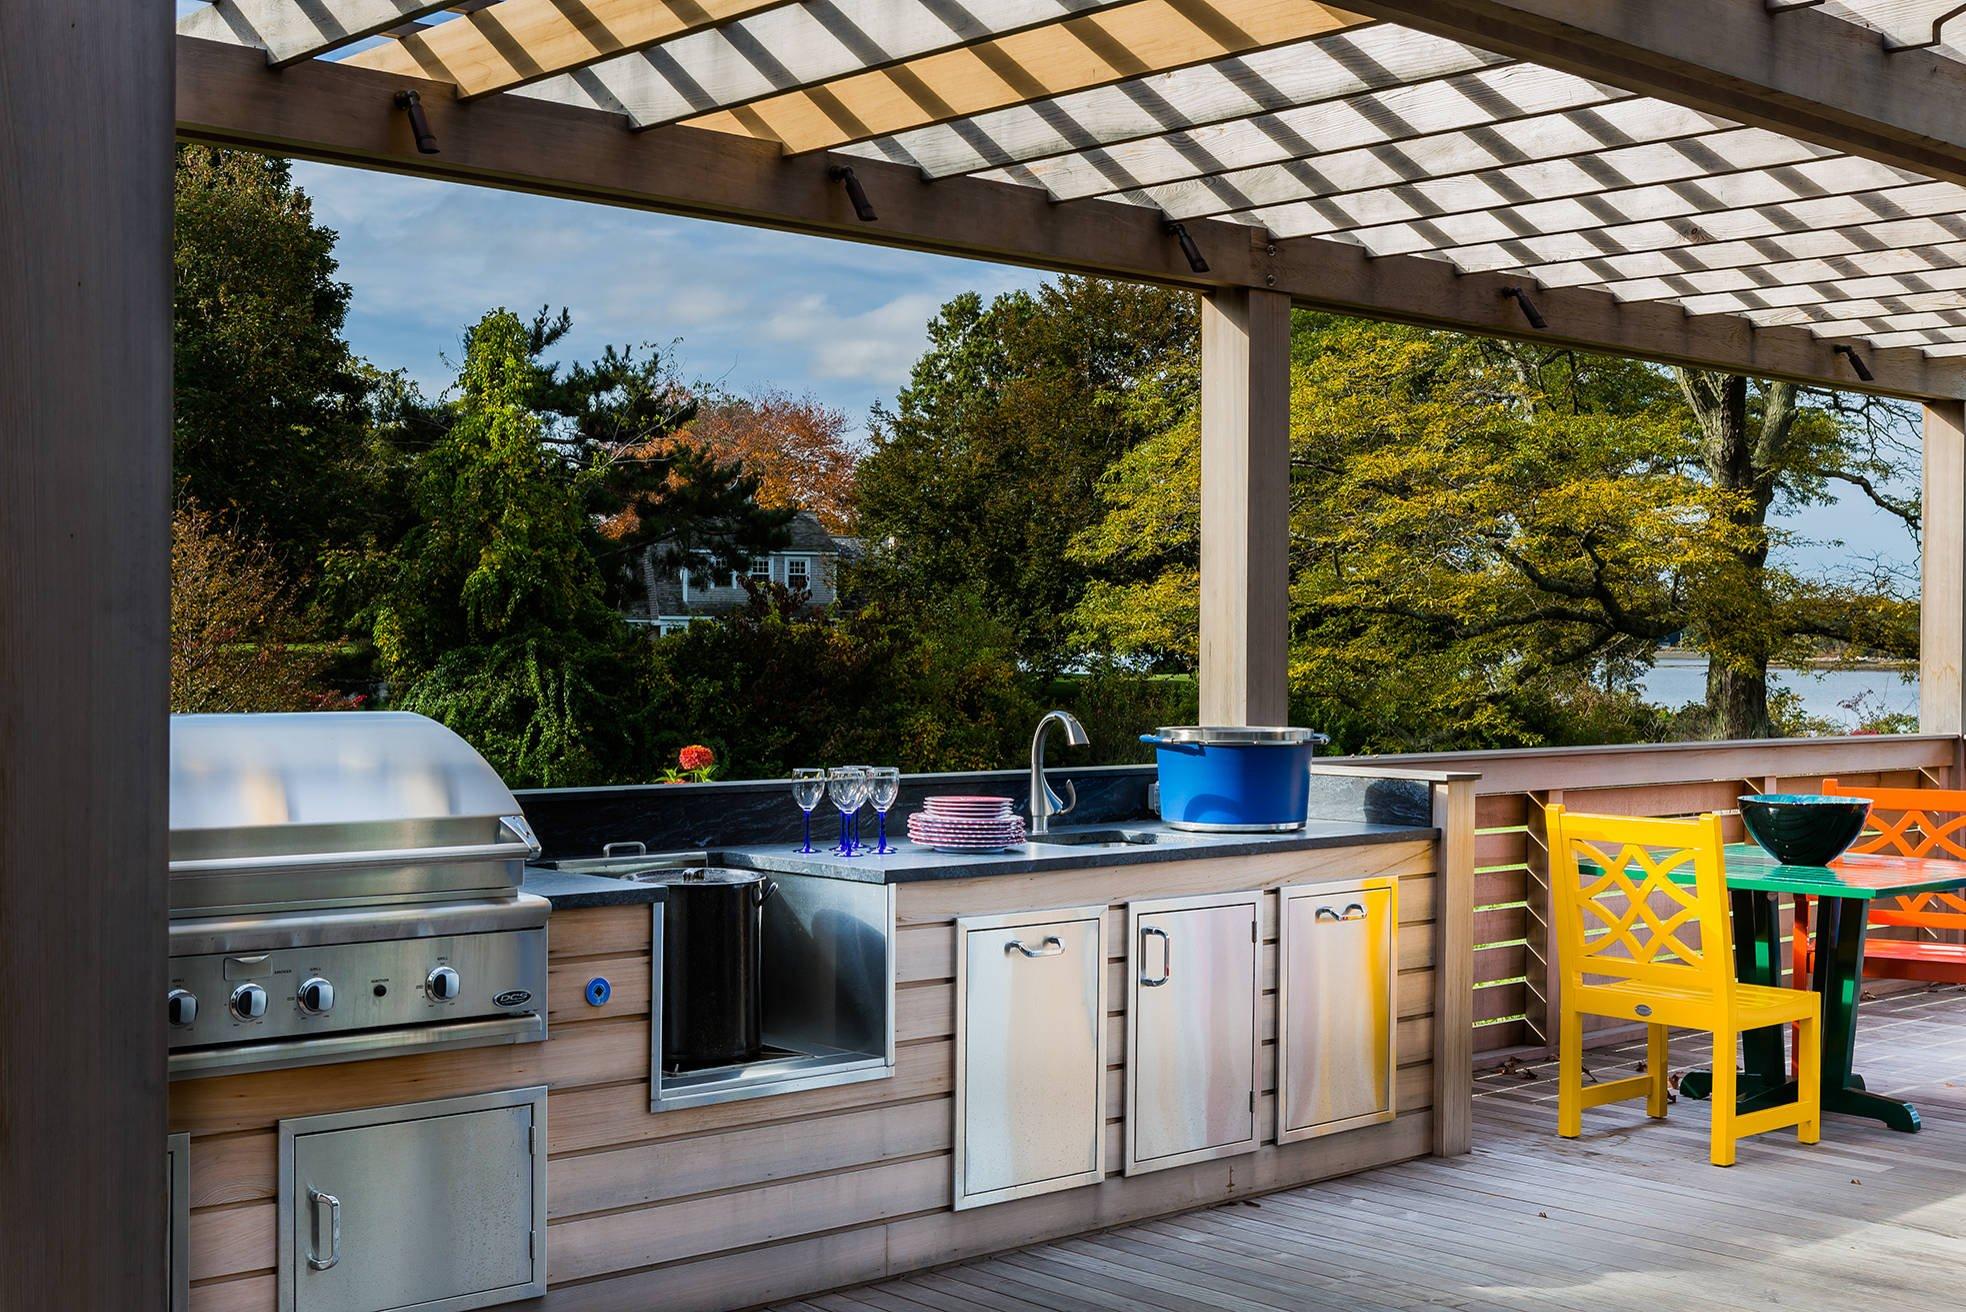 летняя кухня рецепты с фото канцелярские товары